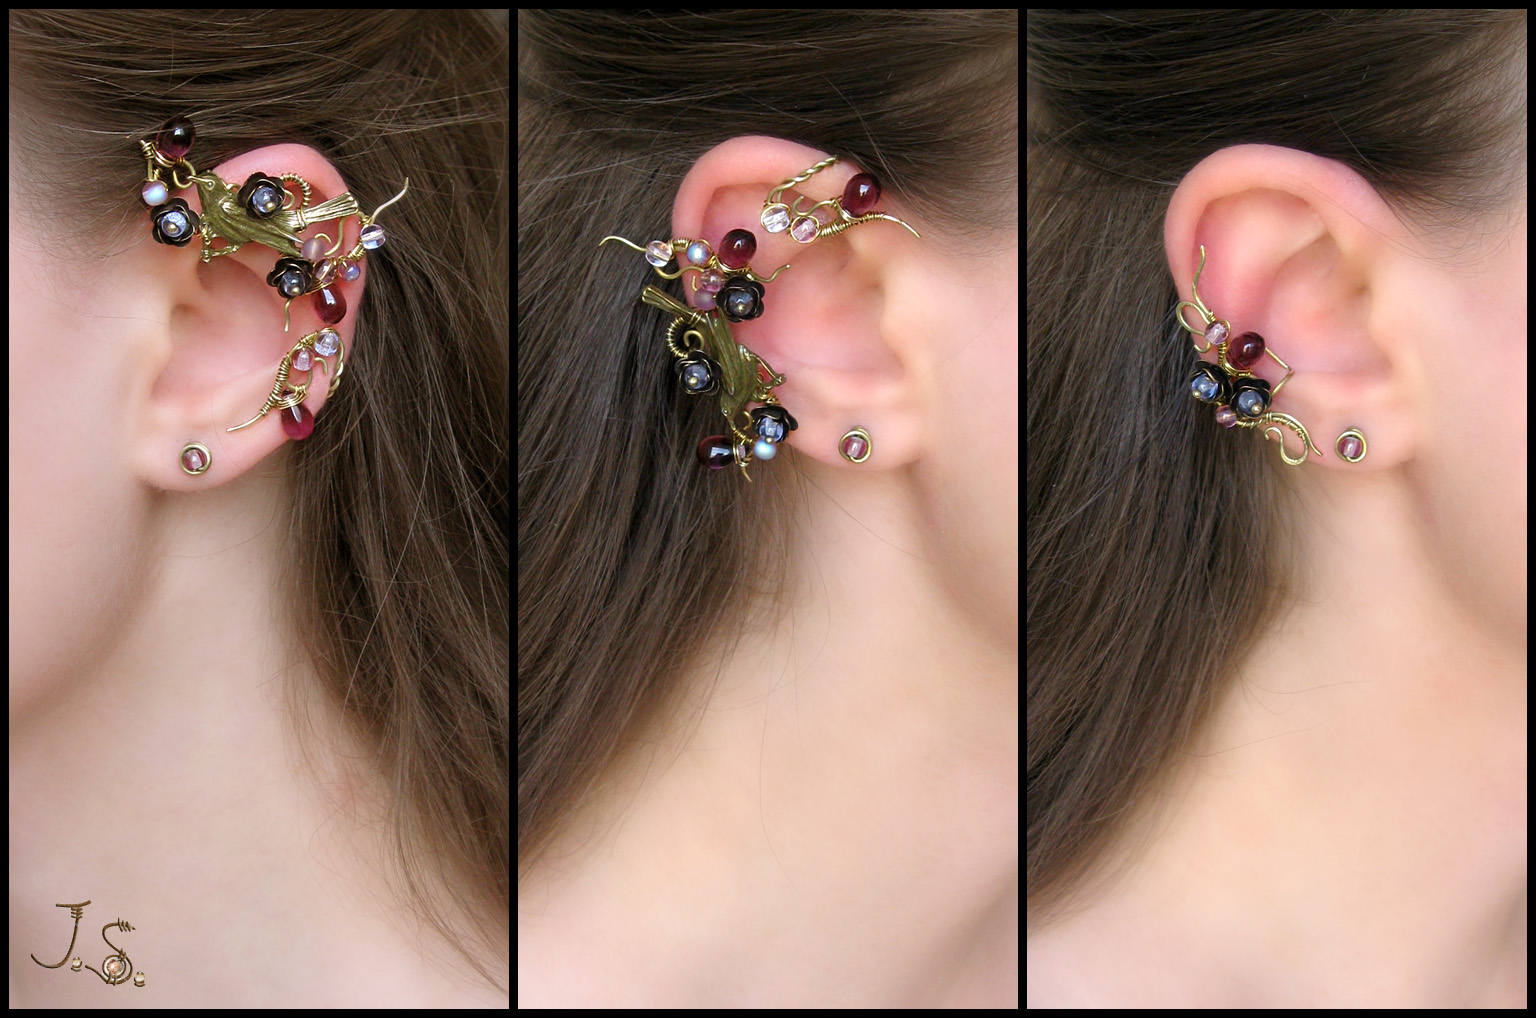 Spring dusk set - ear wrap, ear cuff, studs by JSjewelry